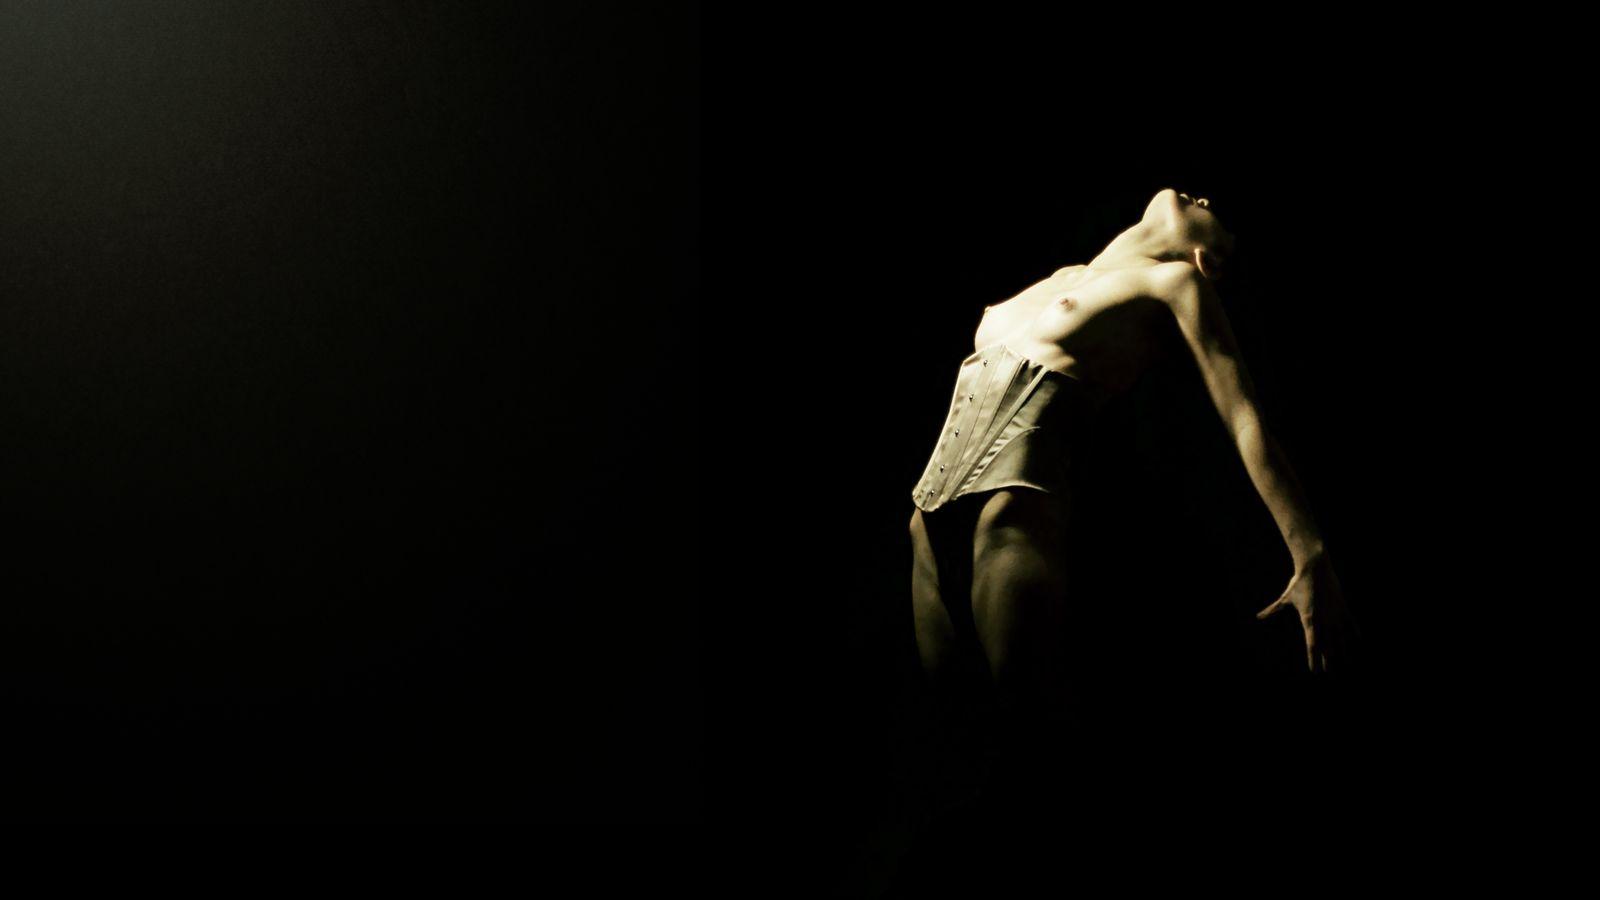 Le corps presque nu de Maeva en serre-taille semble irrésistiblement attiré vers une présence à la fois sombre et lumineuse. Photo en studio à Caluire.